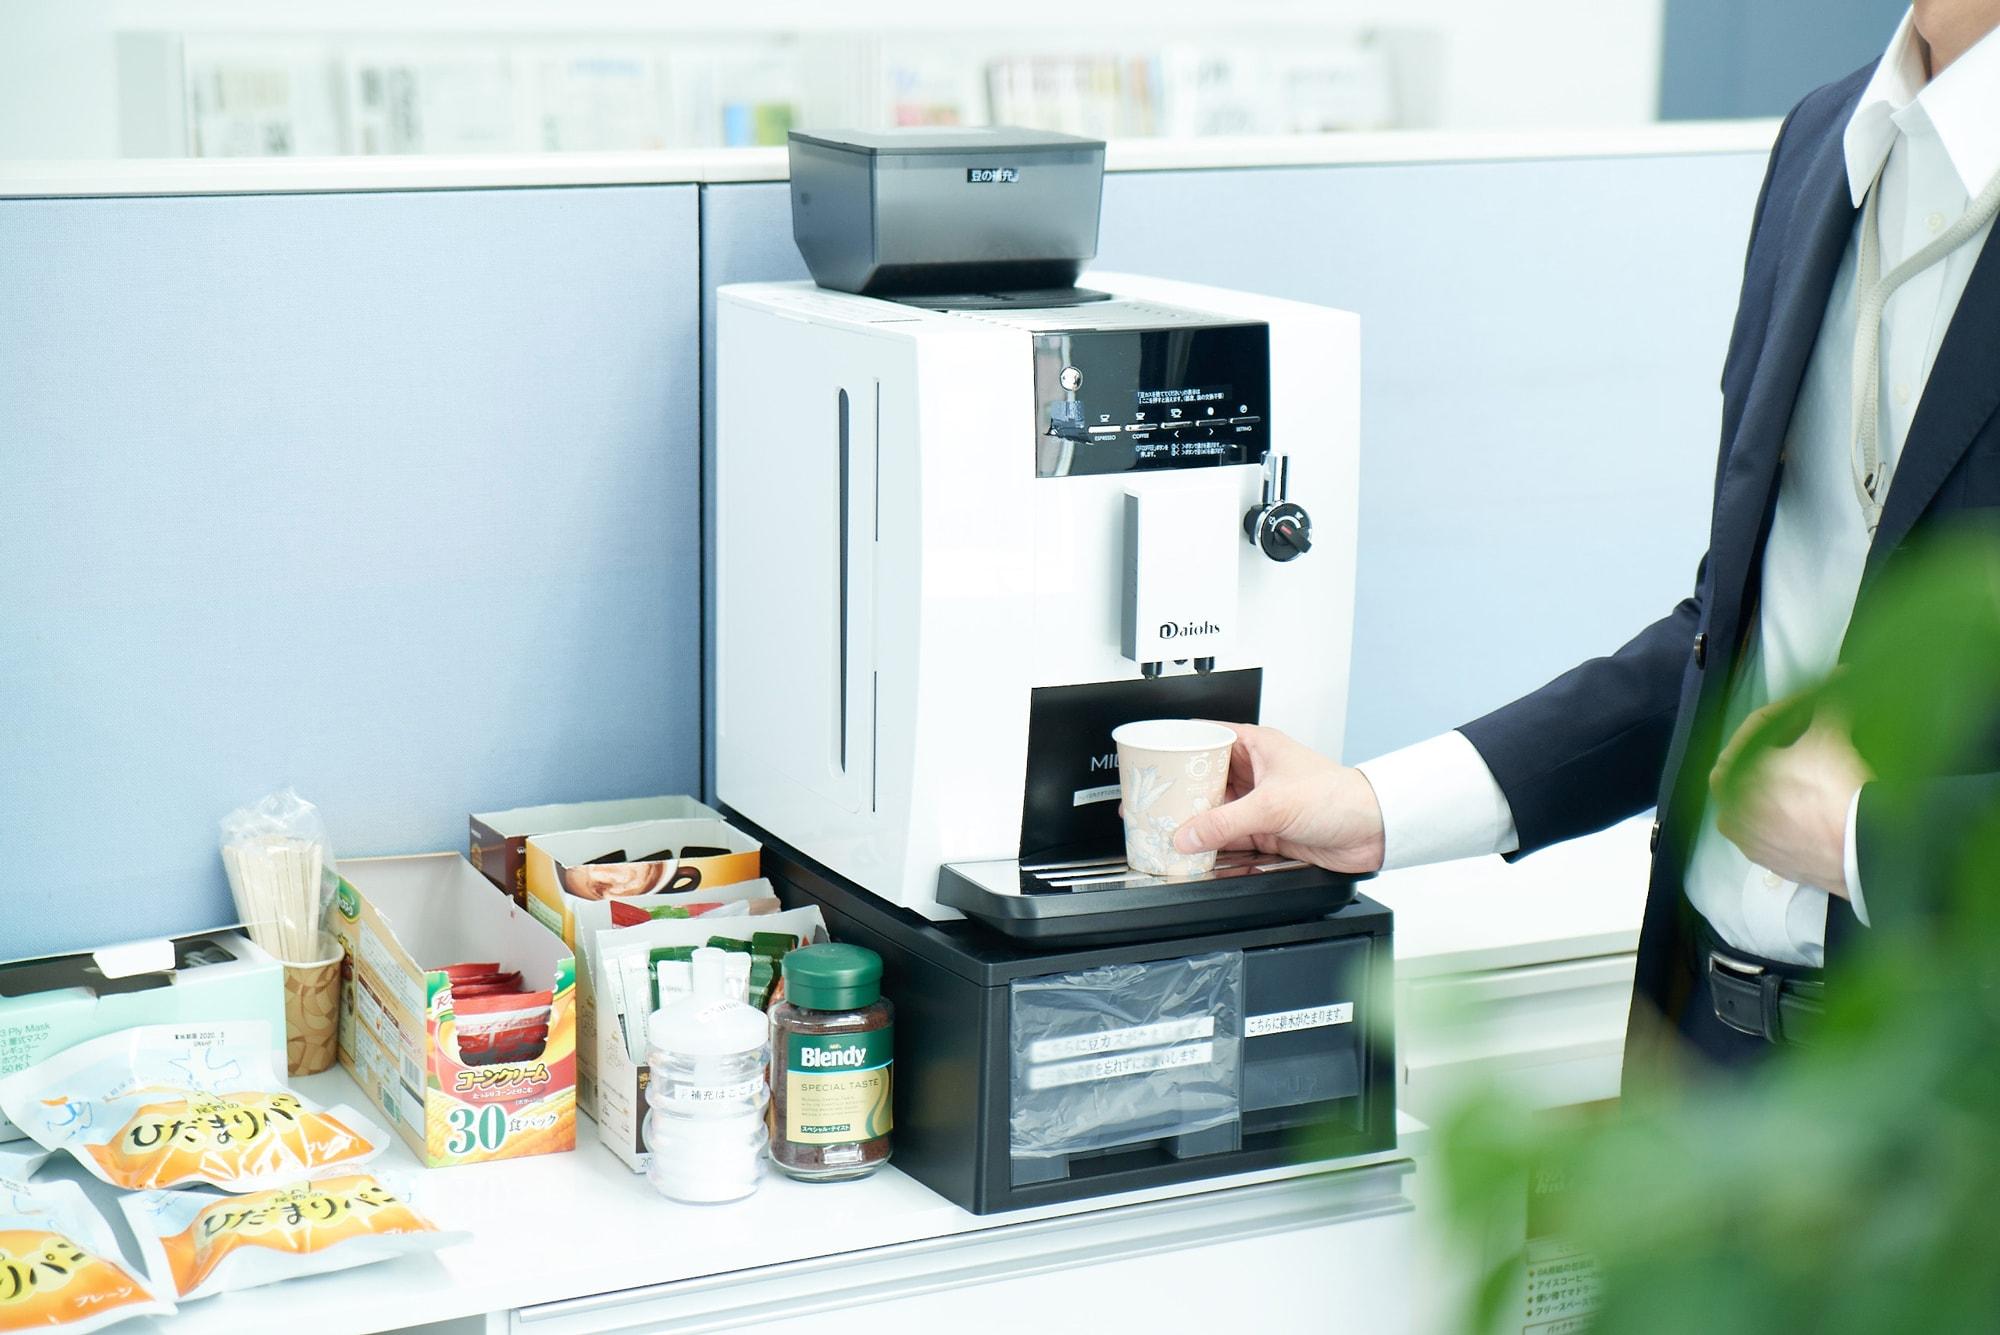 赤坂事務所の各フロアにあるフリードリンクコーナー。いちばん人気はコーヒー。「数字で見るアクタス」のページに「好きなフリードリンクベスト5」を掲載しています。併せてご覧ください。